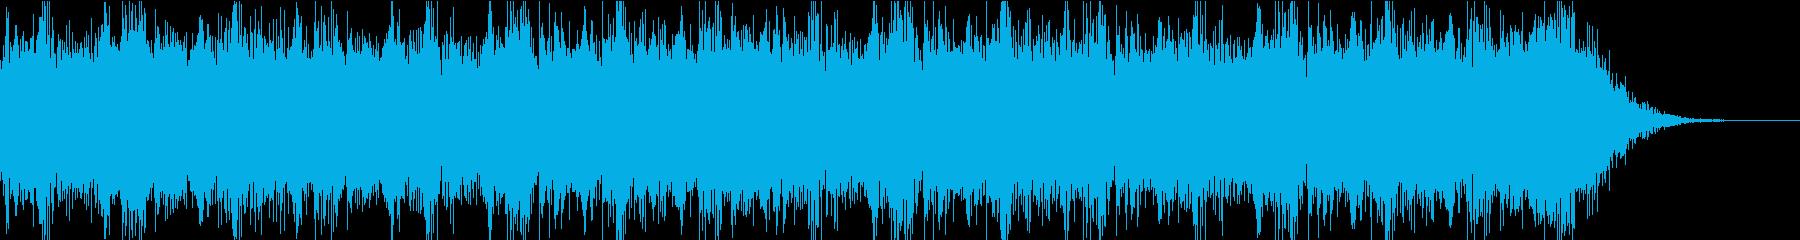 緊迫感 オーケストラの再生済みの波形